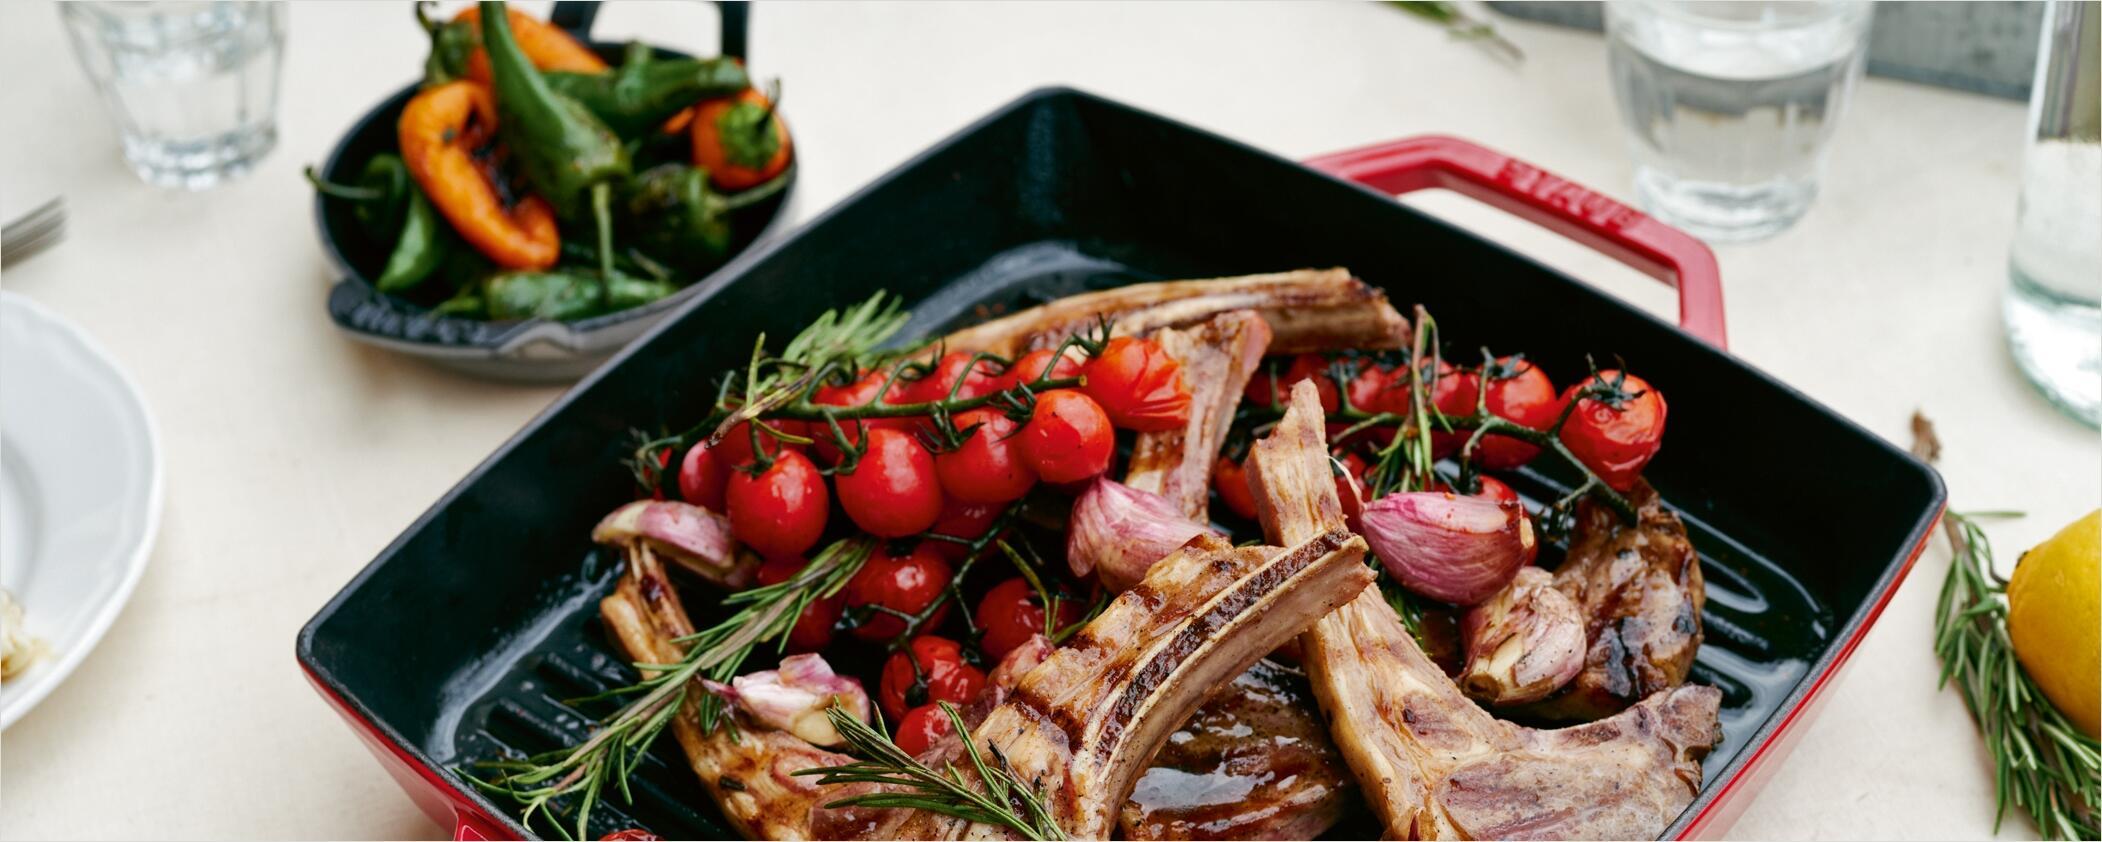 Staub Grillpfannen - Knusprig & fettarm braten mit Grillstreifen